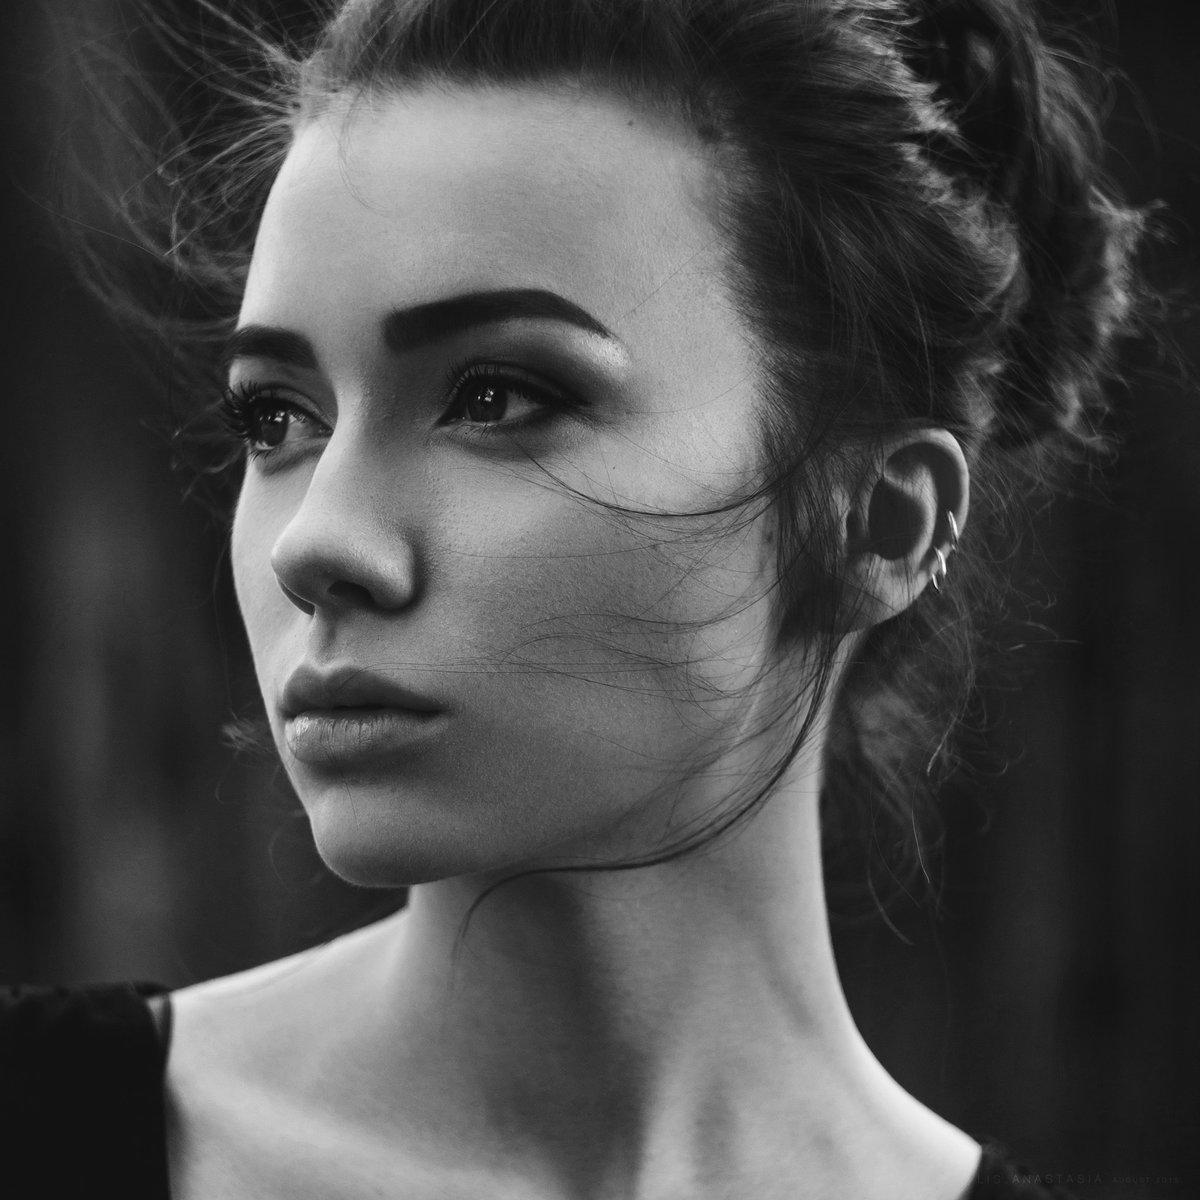 картинки черно белые фотографии лица крепится трубочке